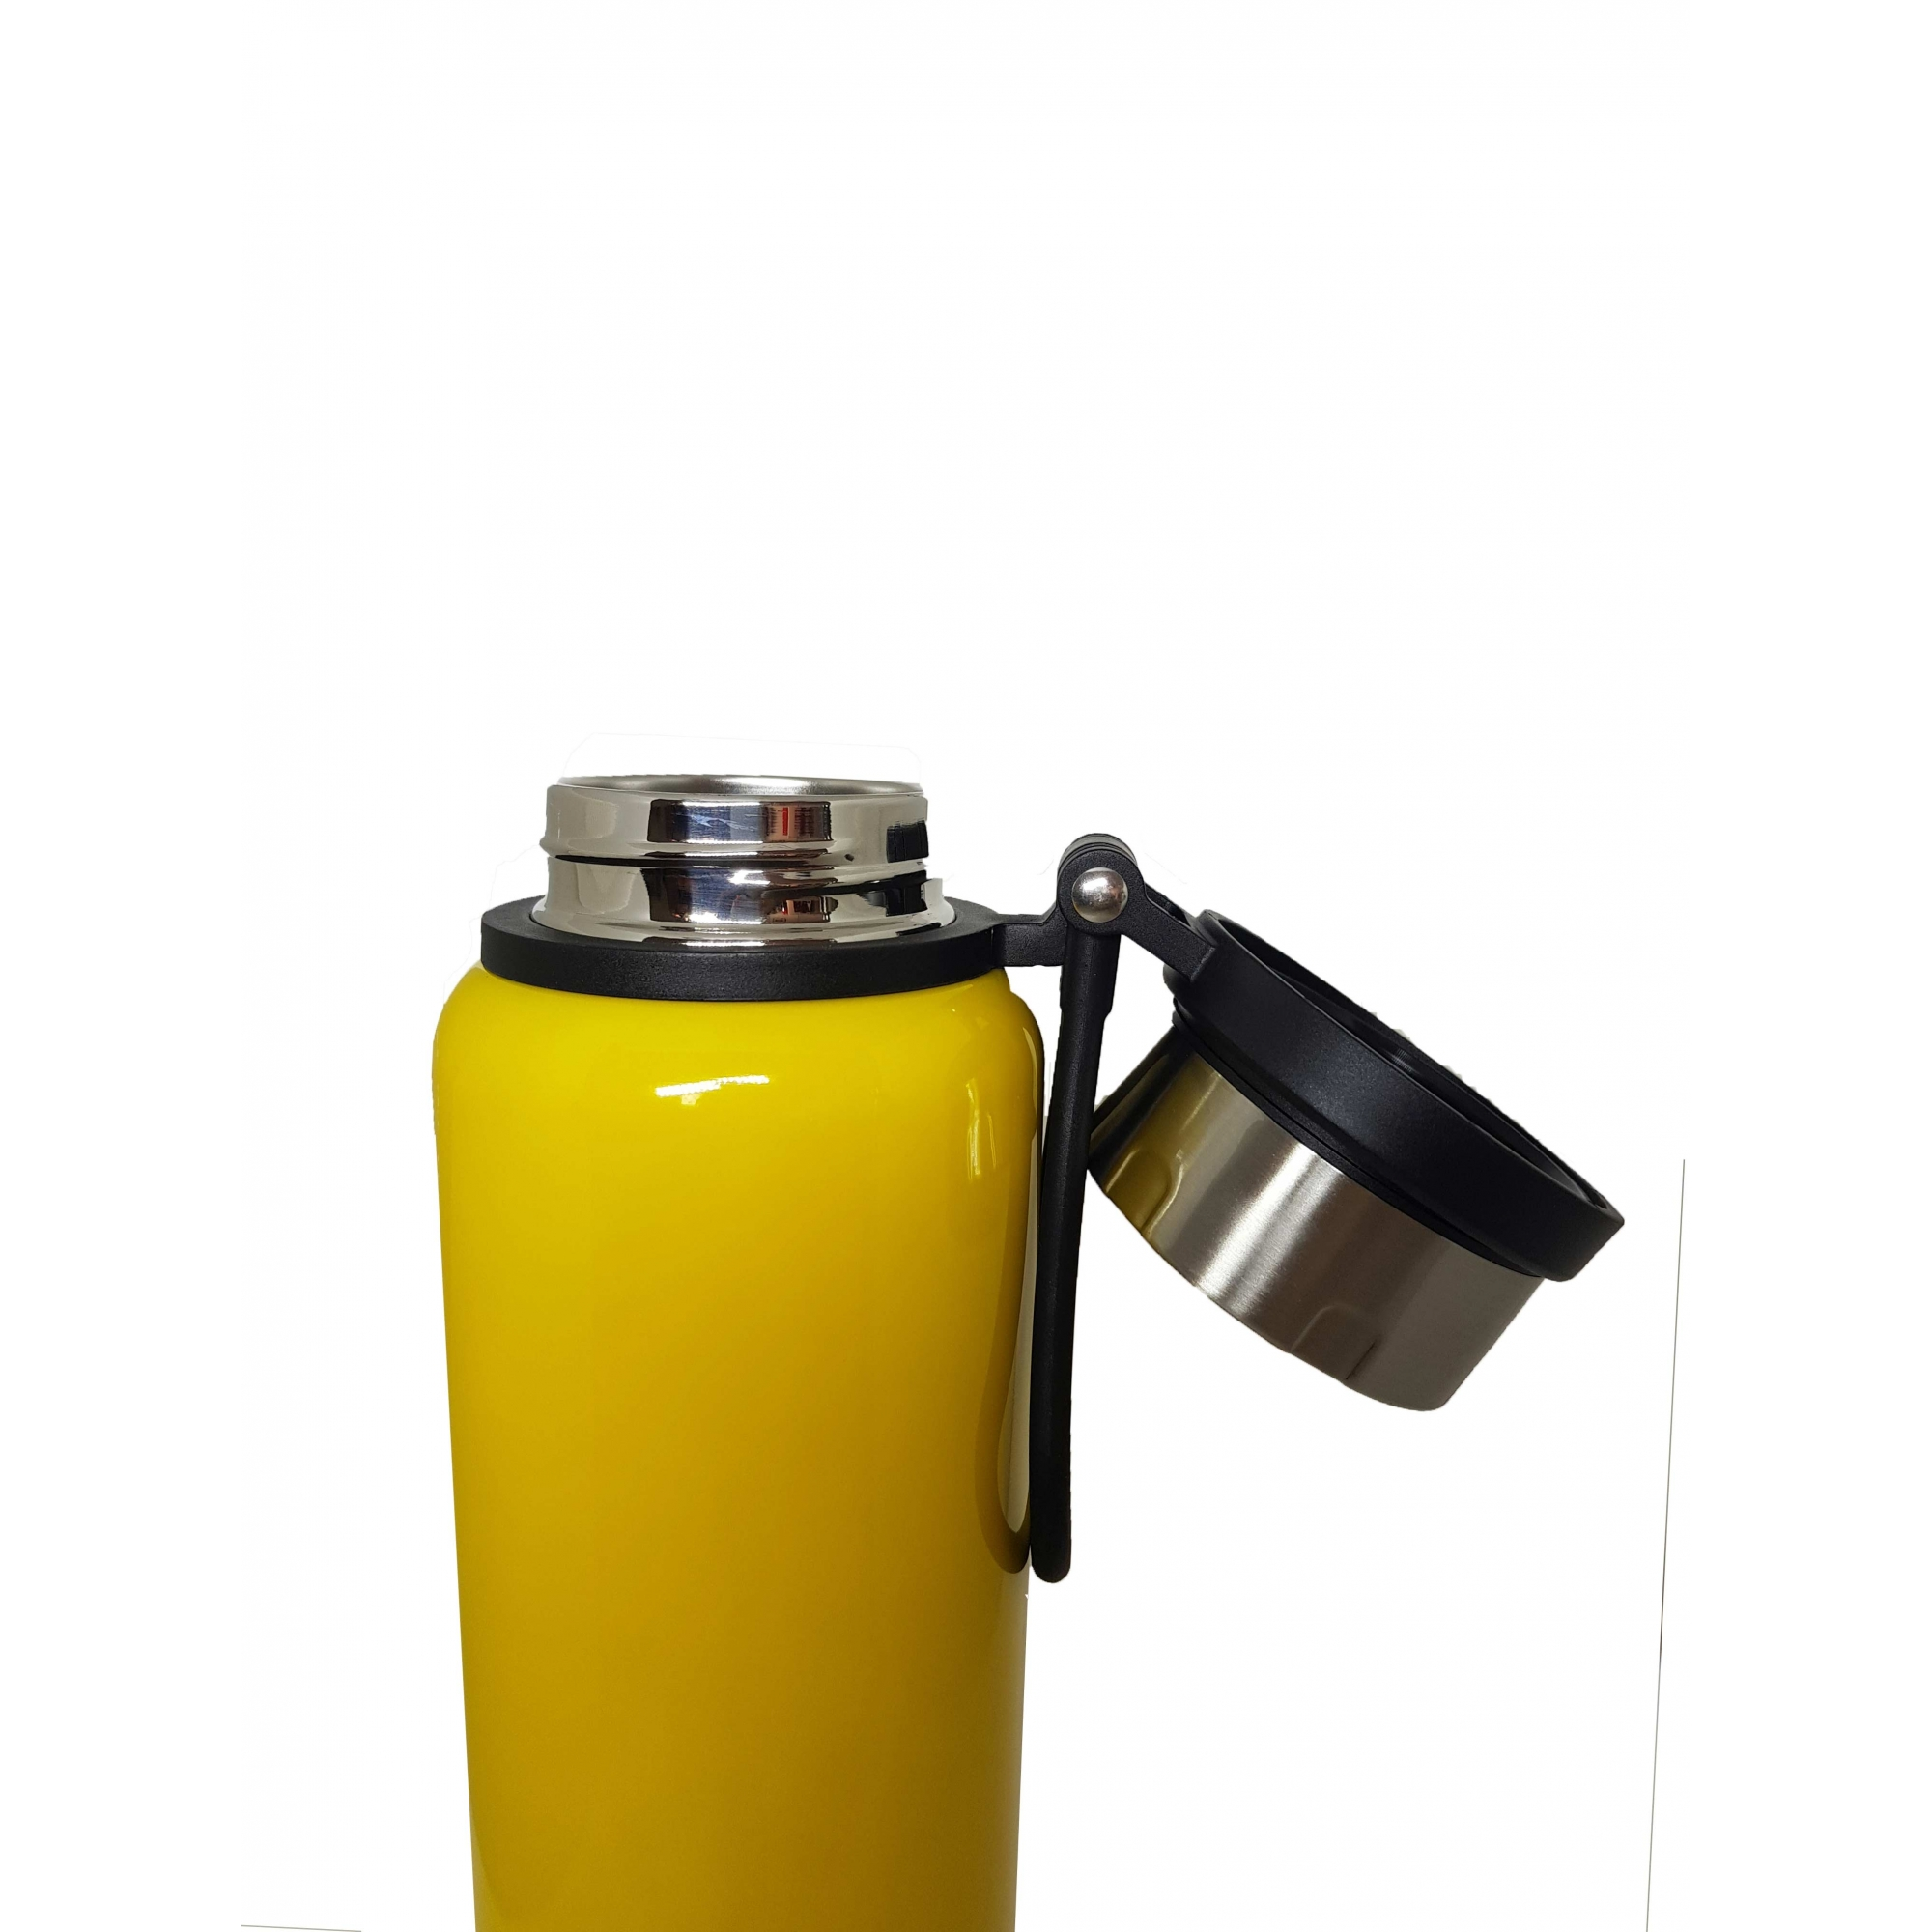 Garrafa Térmica de Inox - 1,2L - Amarela - OUTLET